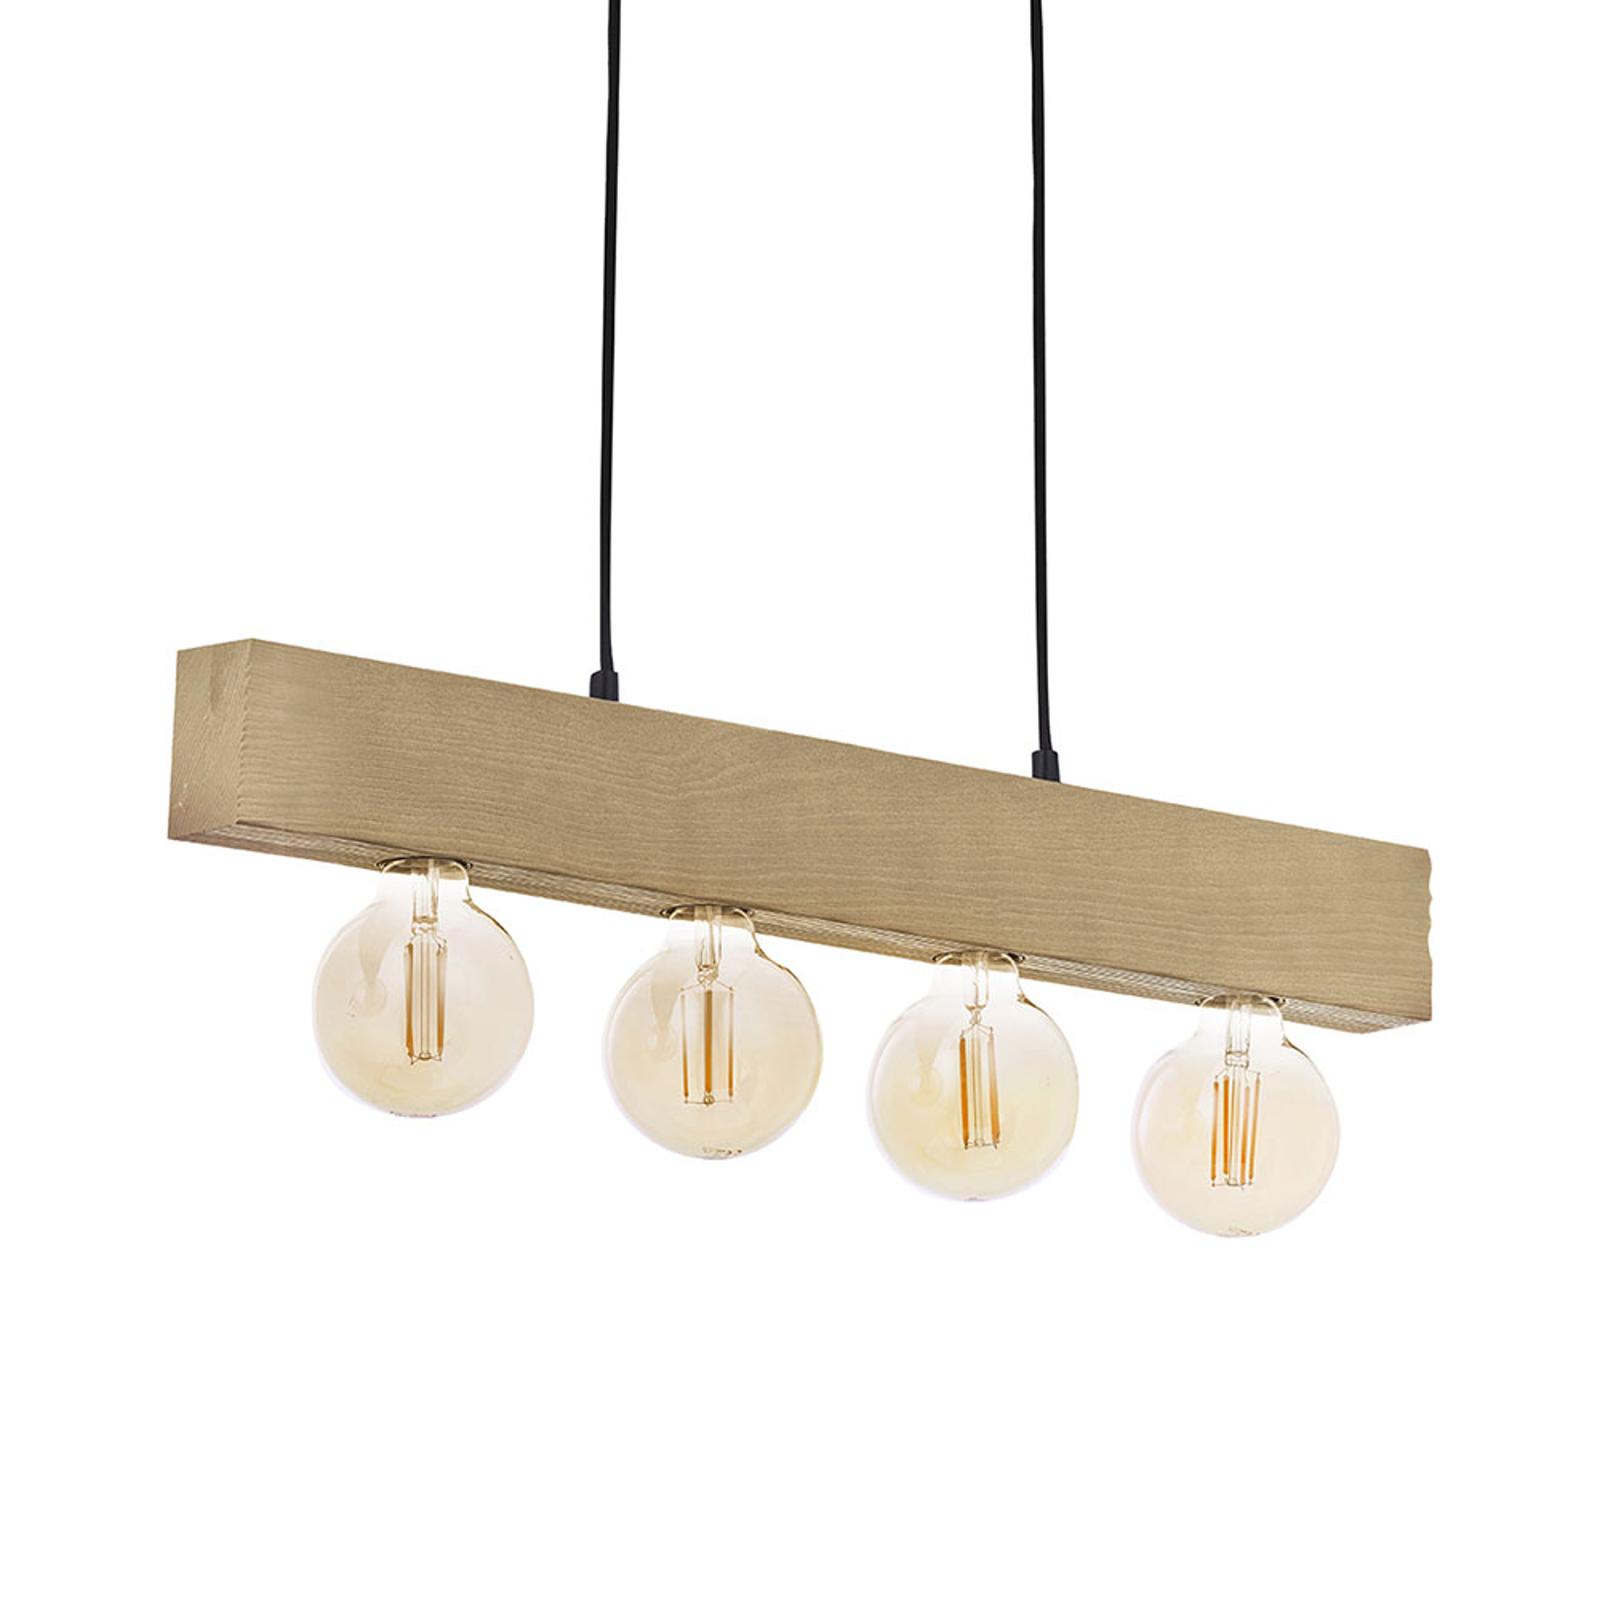 Houten hanglamp Artwood New, 4-lamps